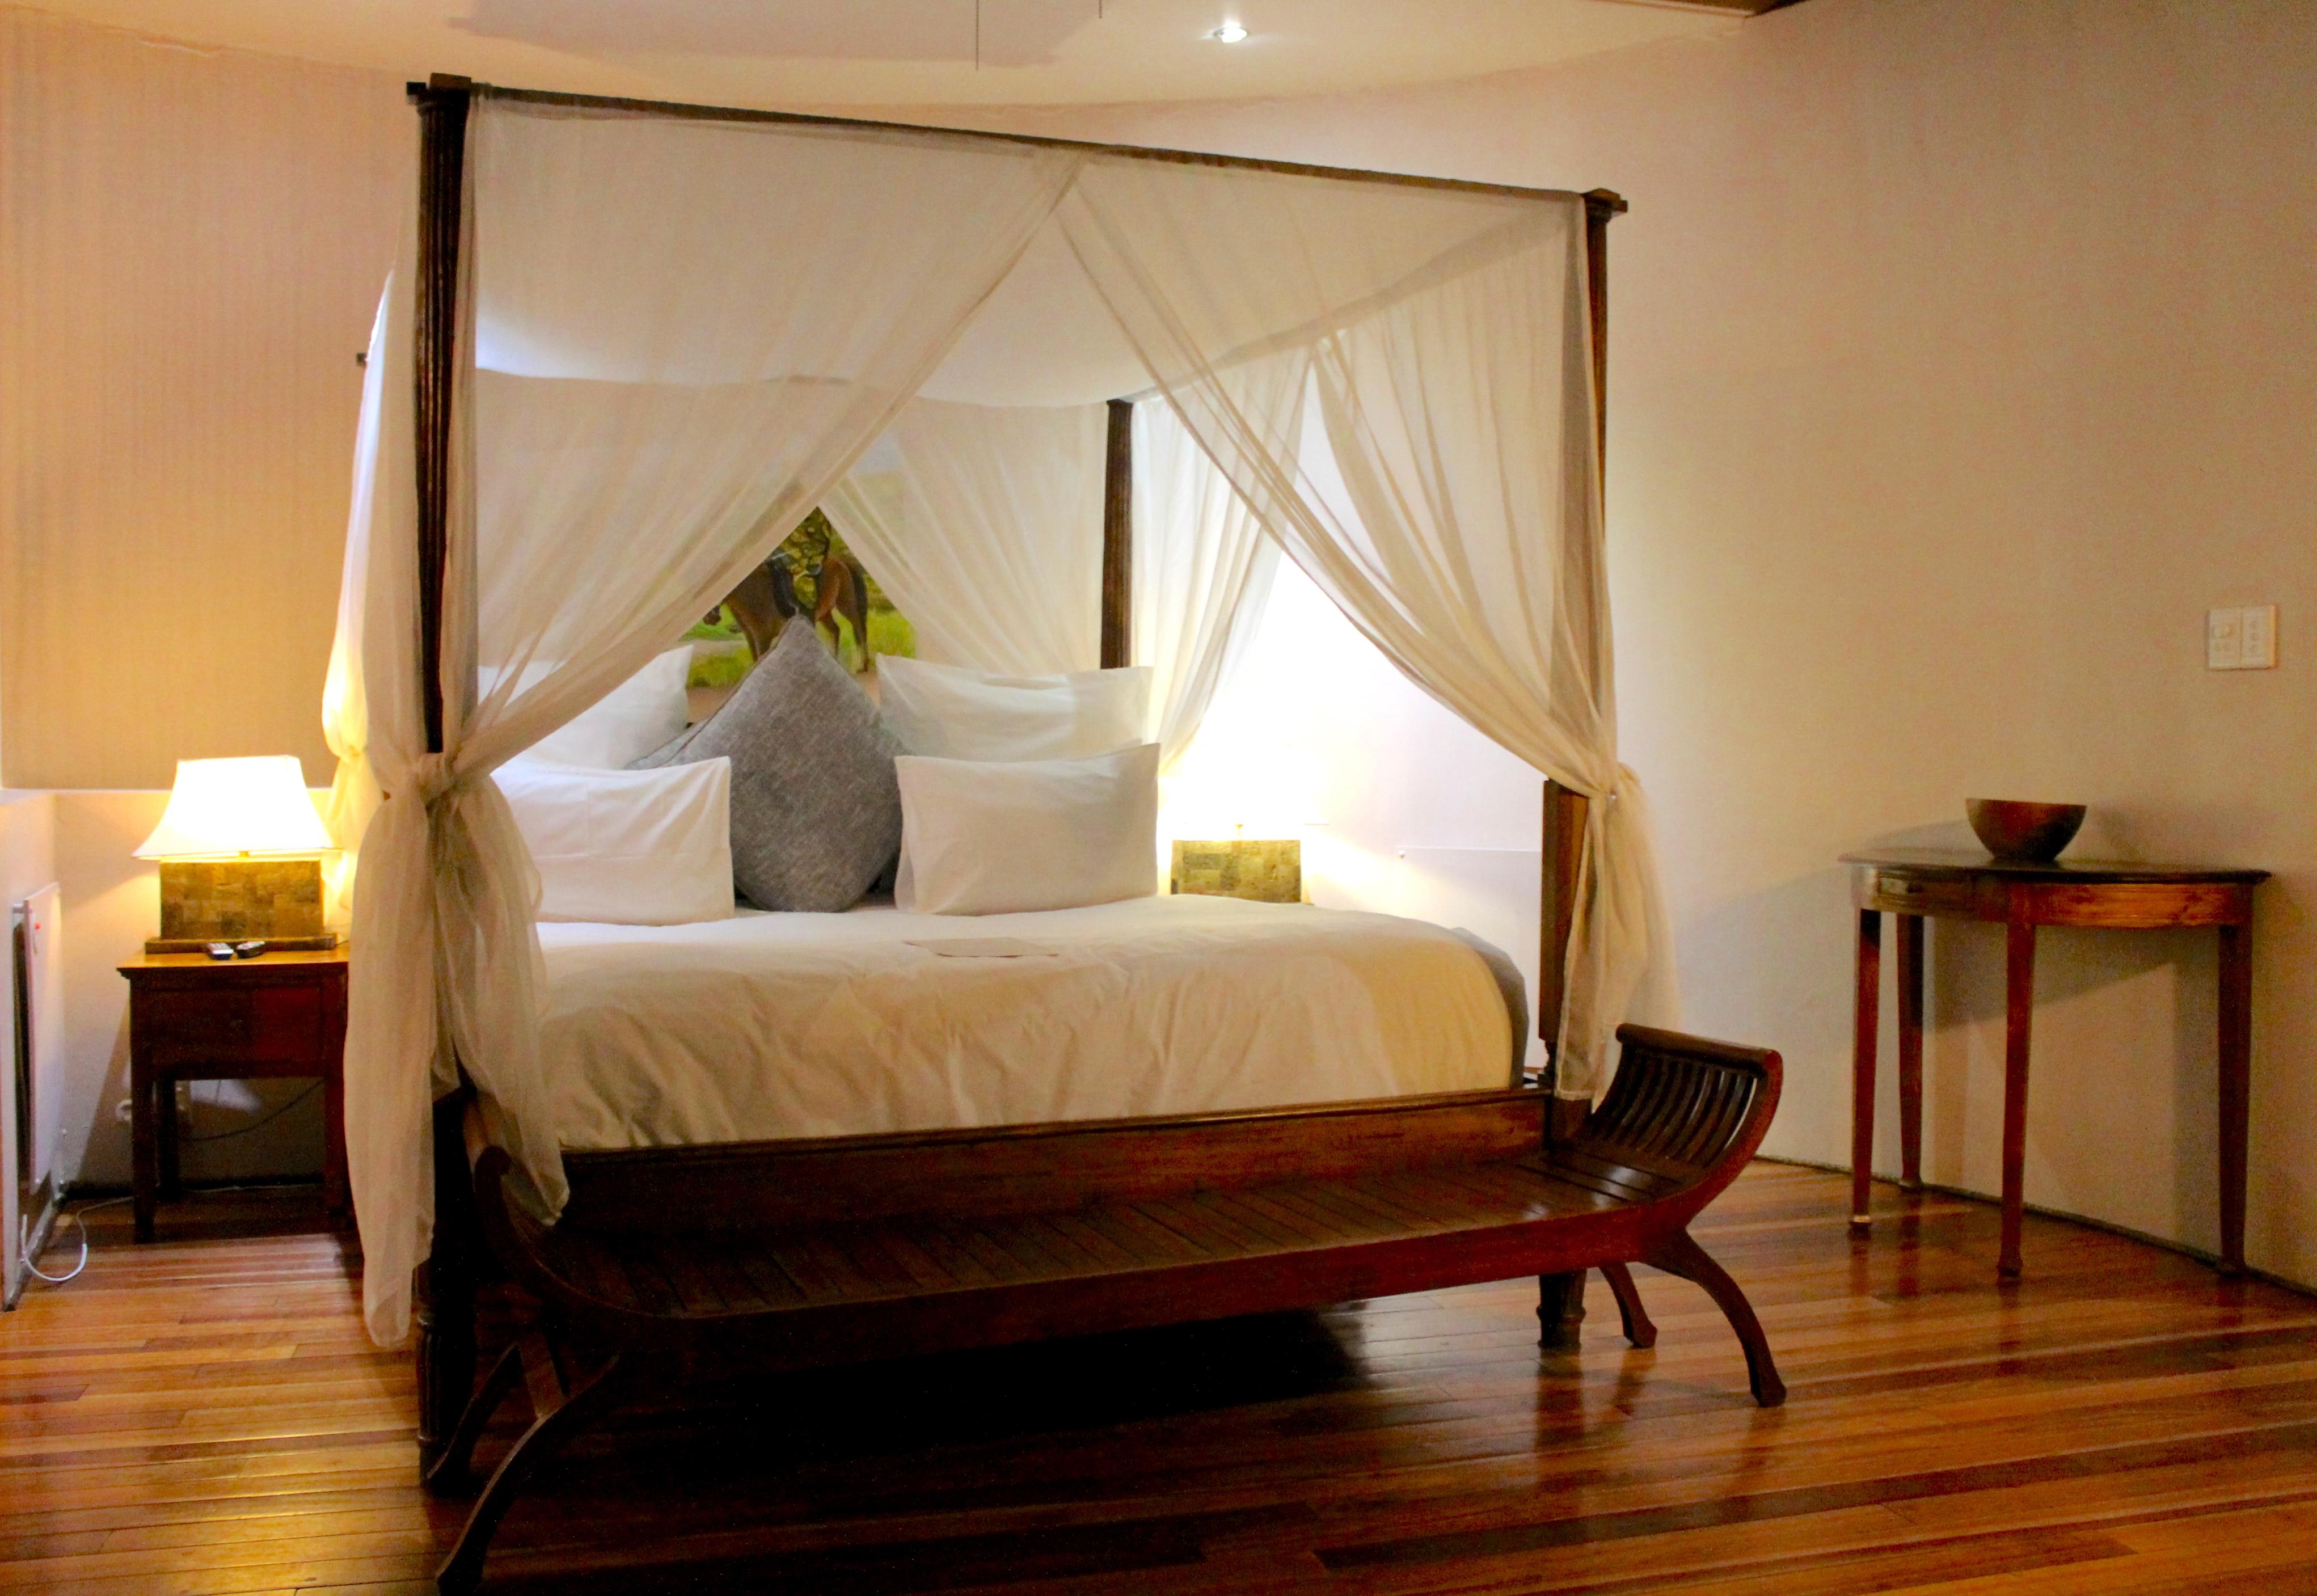 maliba-lodge-lesotho-luxury-bed-lustforthesublime